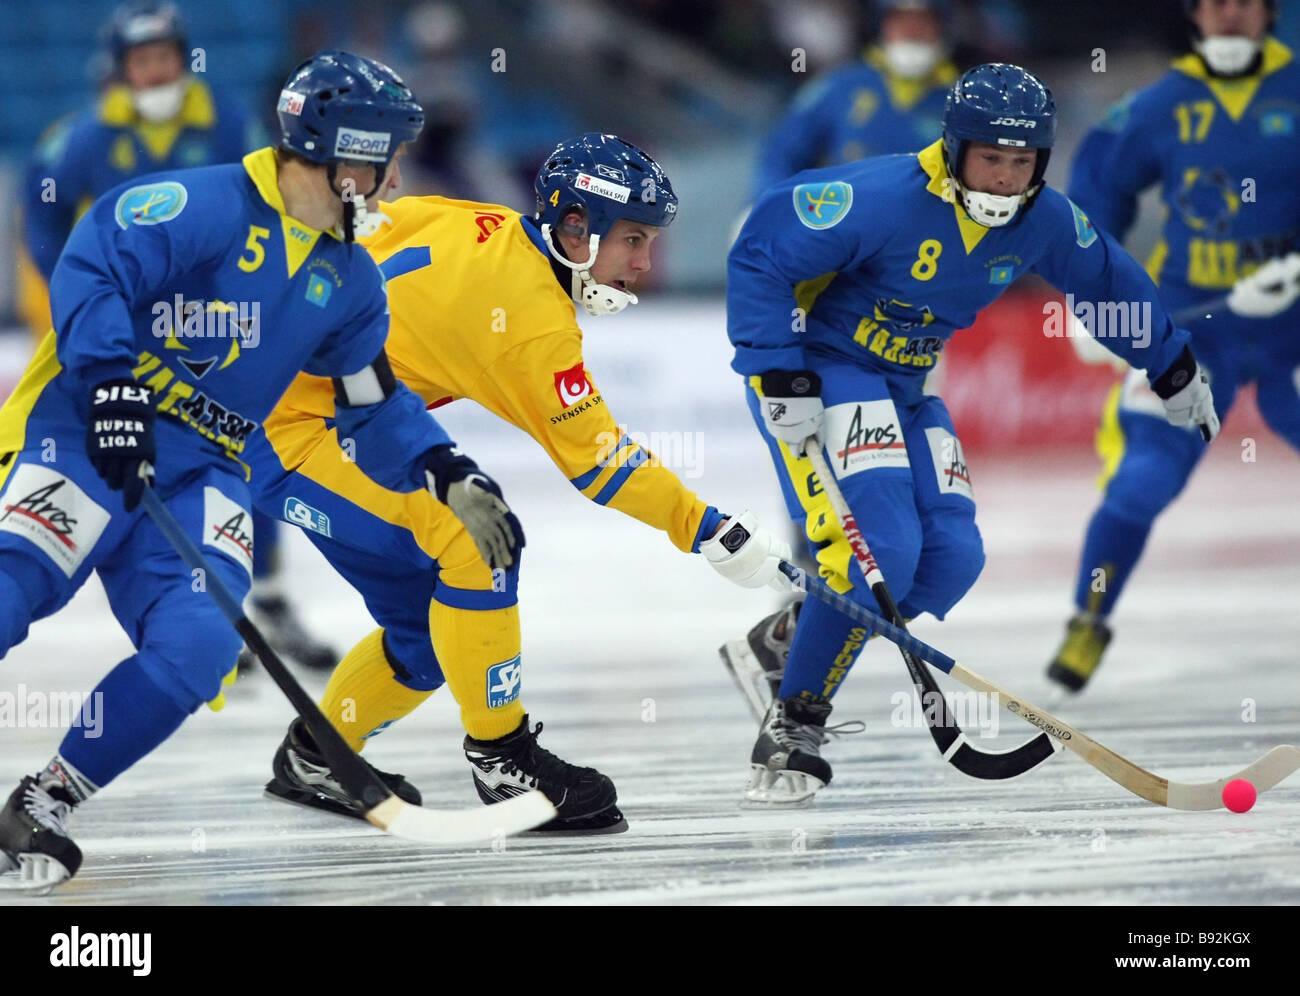 From left Vladislav Novozhilov Kazakhstan Per Helljors Sweden and Andrei Morokov Kazakhstan playing in a Sweden - Stock Image